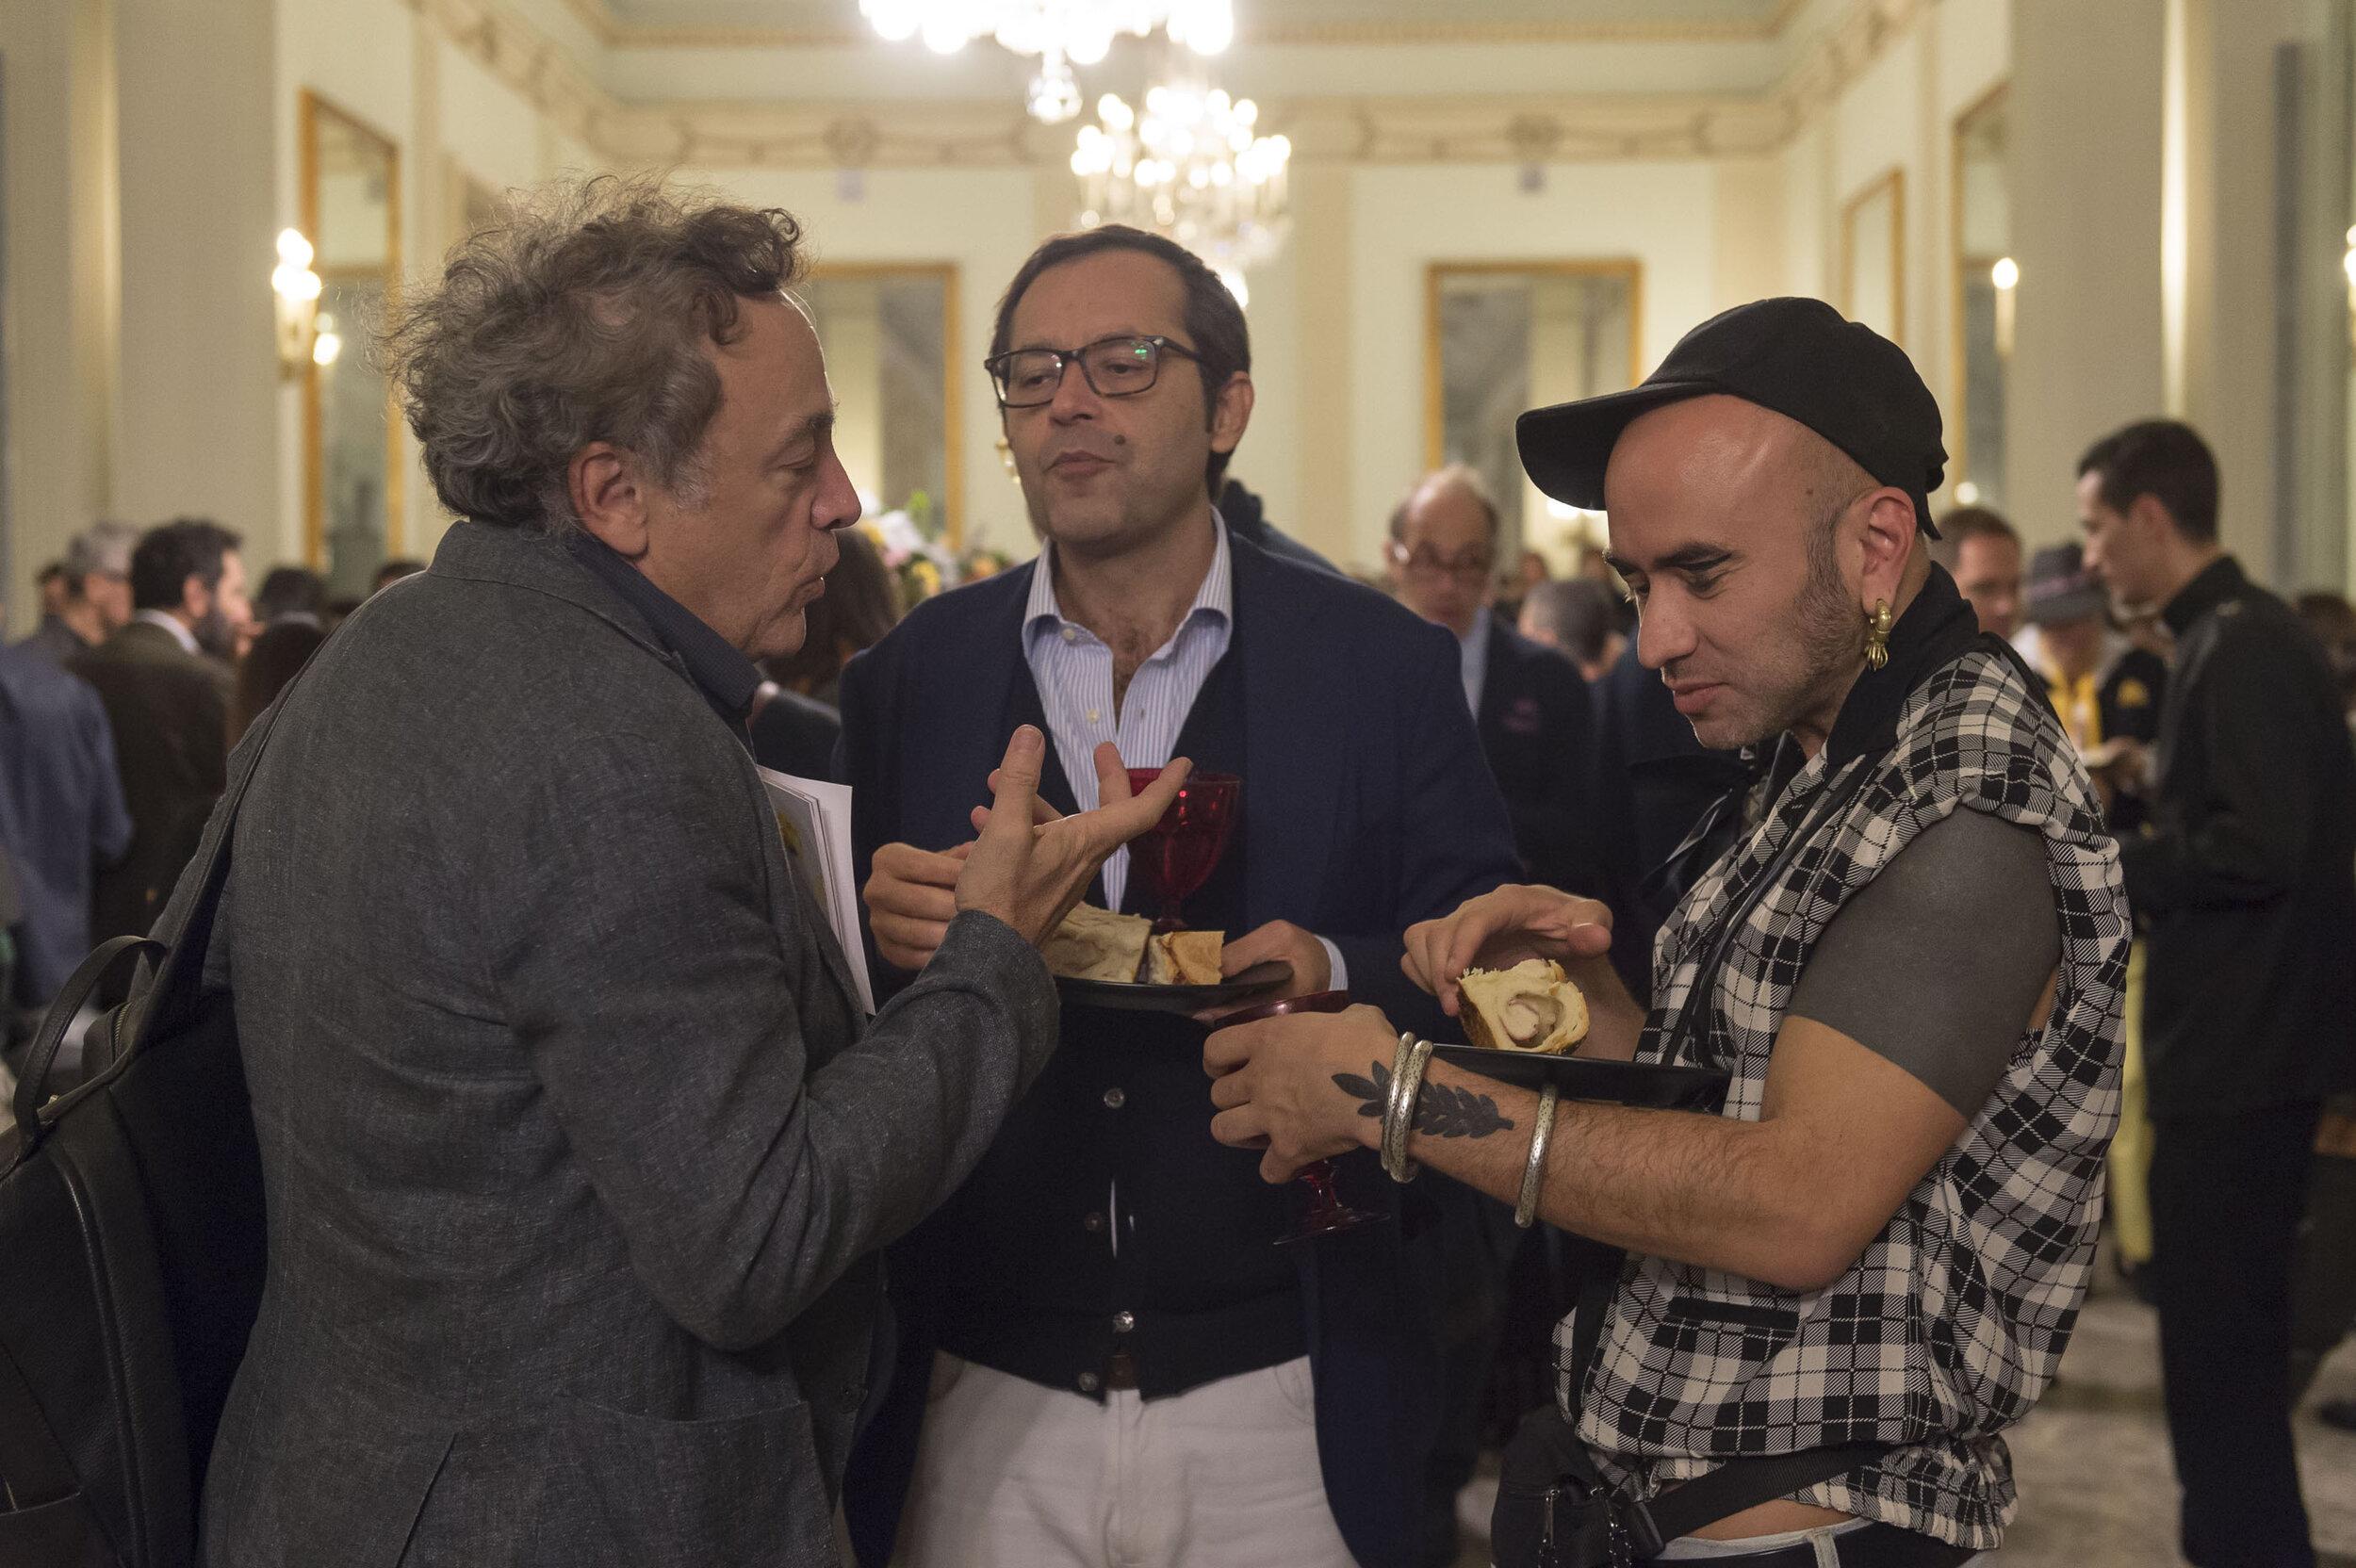 Artecinema 2019_ph Francesco Squeglia_9183.jpg